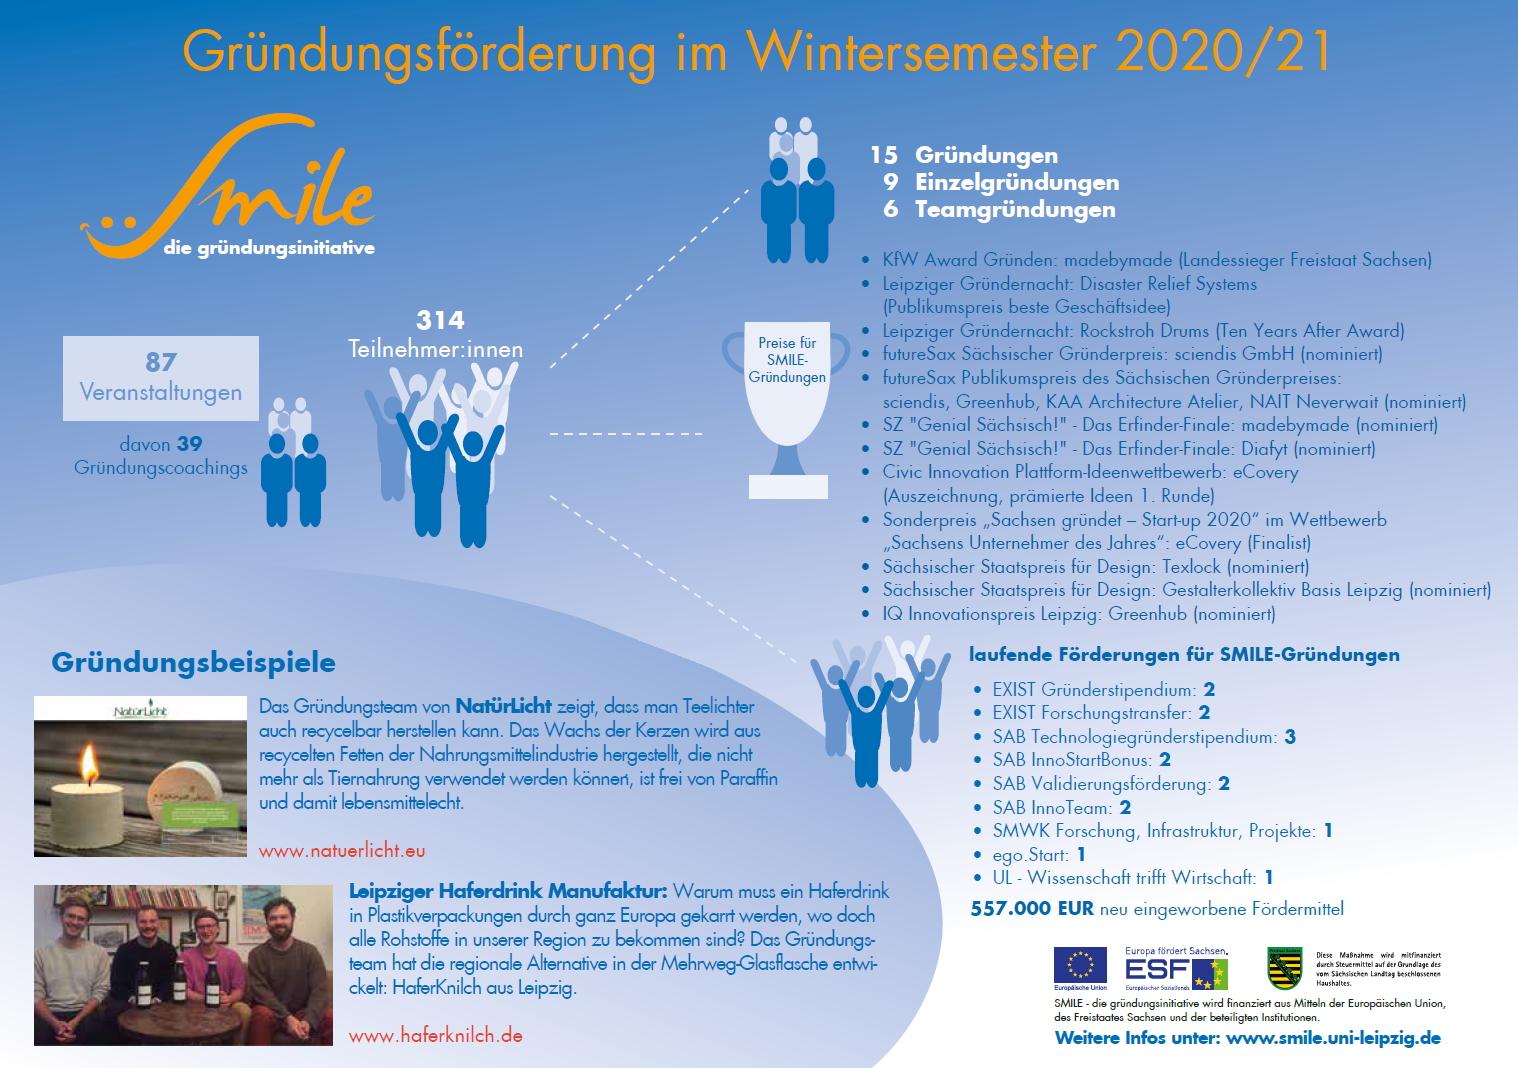 Gründungsförderung von SMILE im Wintersemester 2020/21